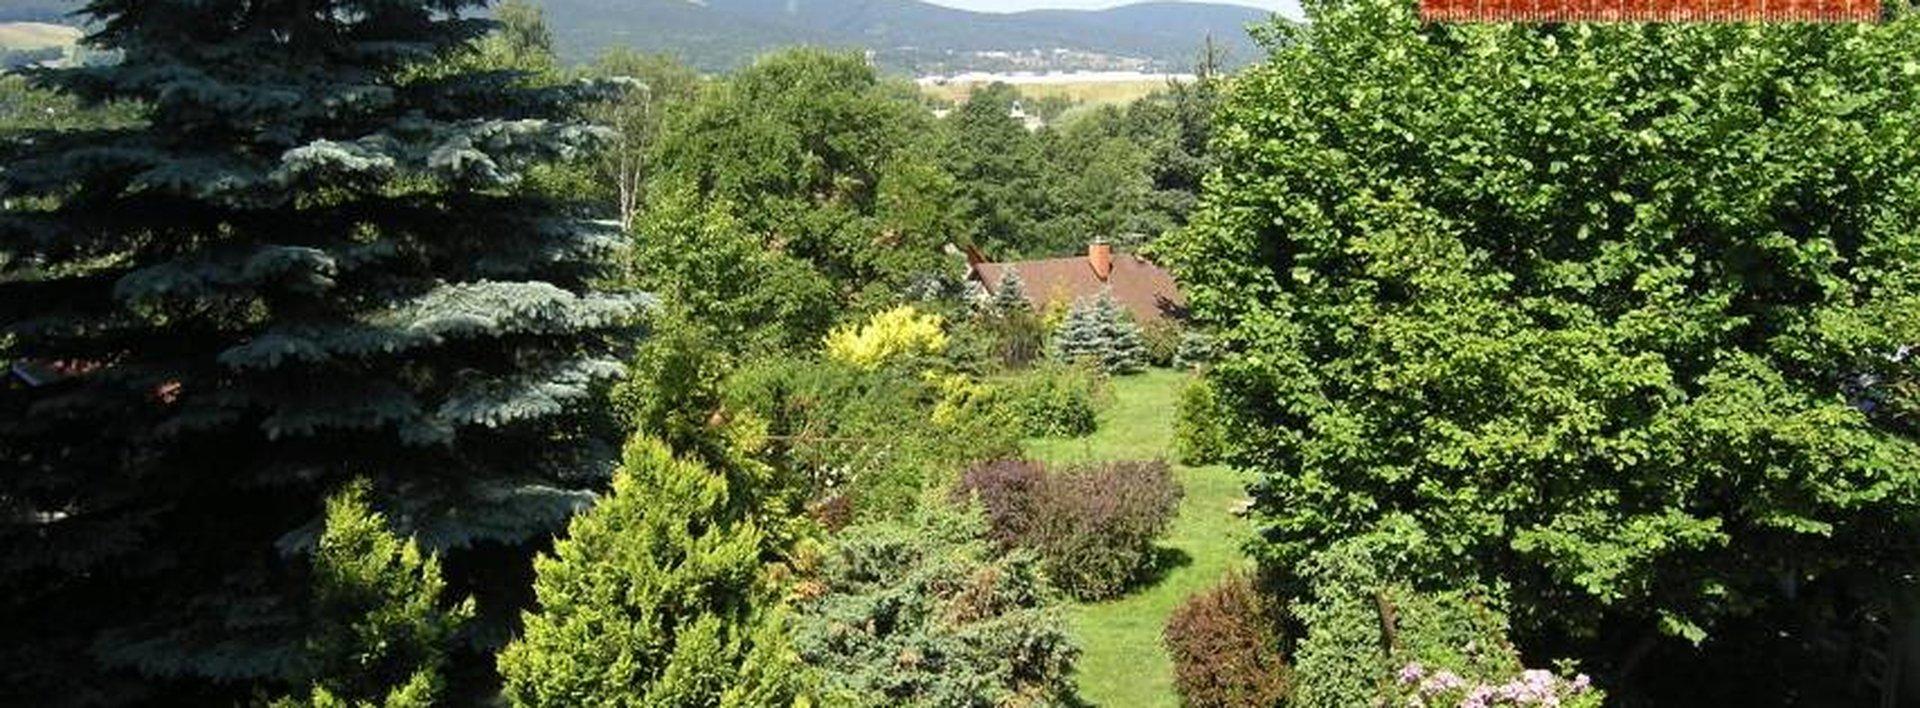 Nabídka vícegeneračního bydlení s krásnou zahradou, Ev.č.: N45630